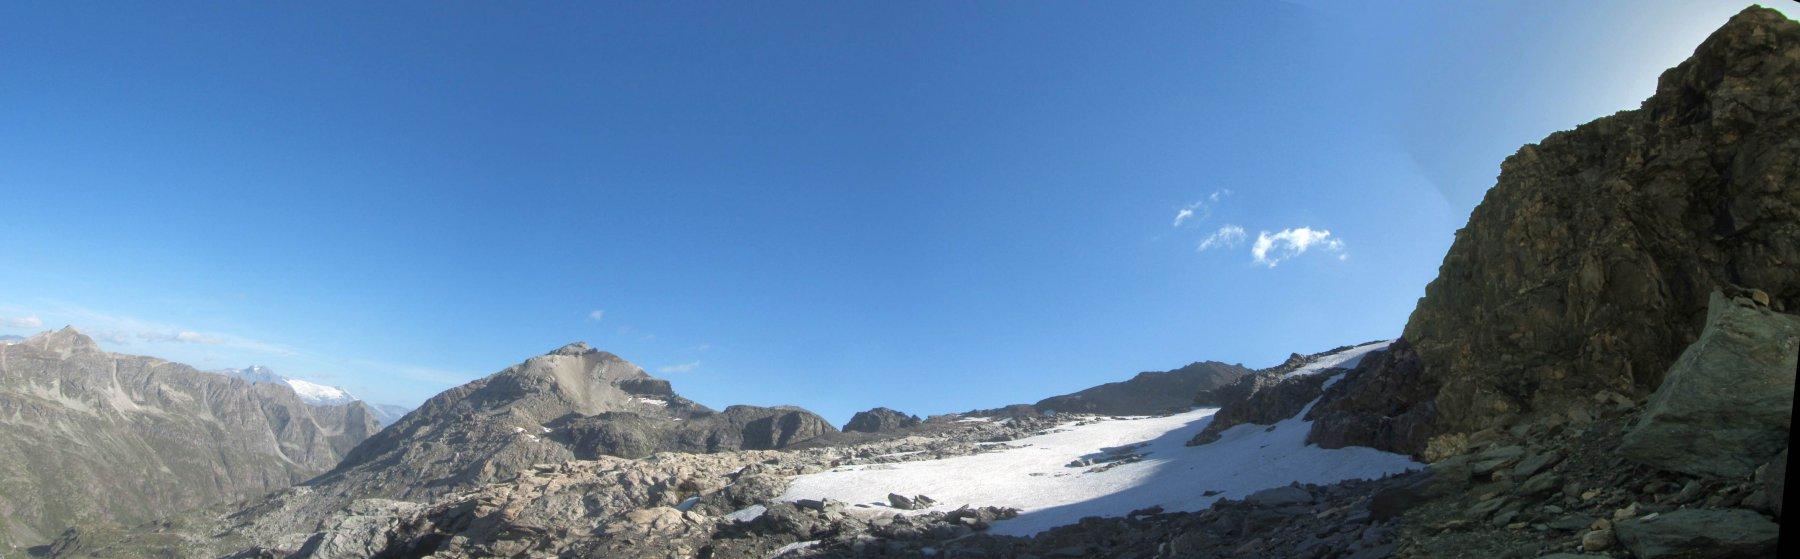 La parte bassa del ghiacciaio che è ormai un nevaio